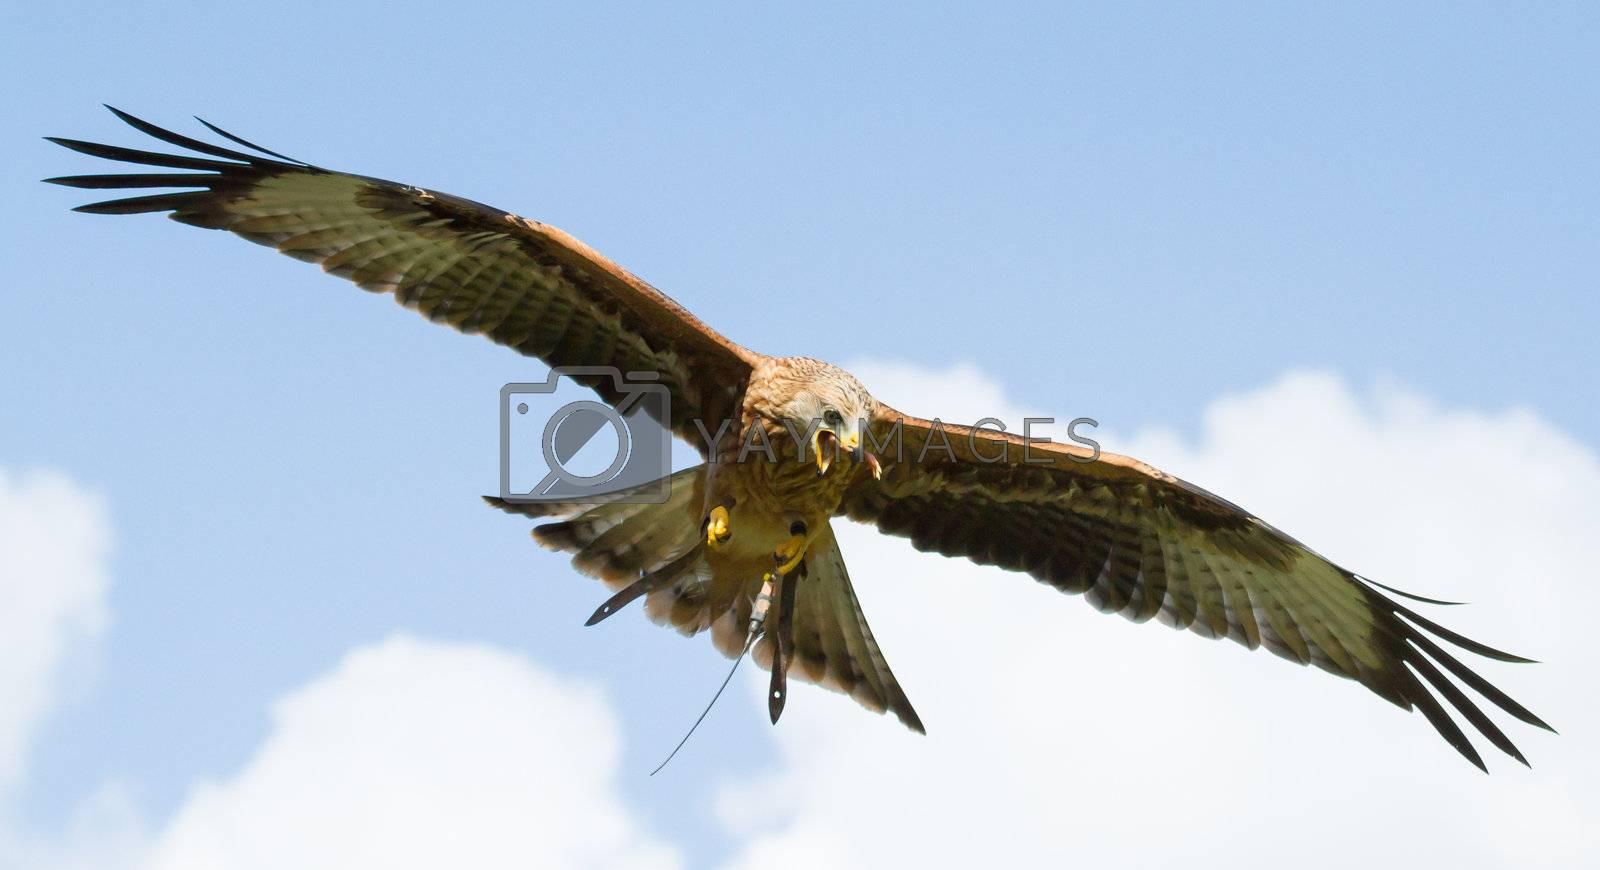 A close-up of a long-legged buzzard